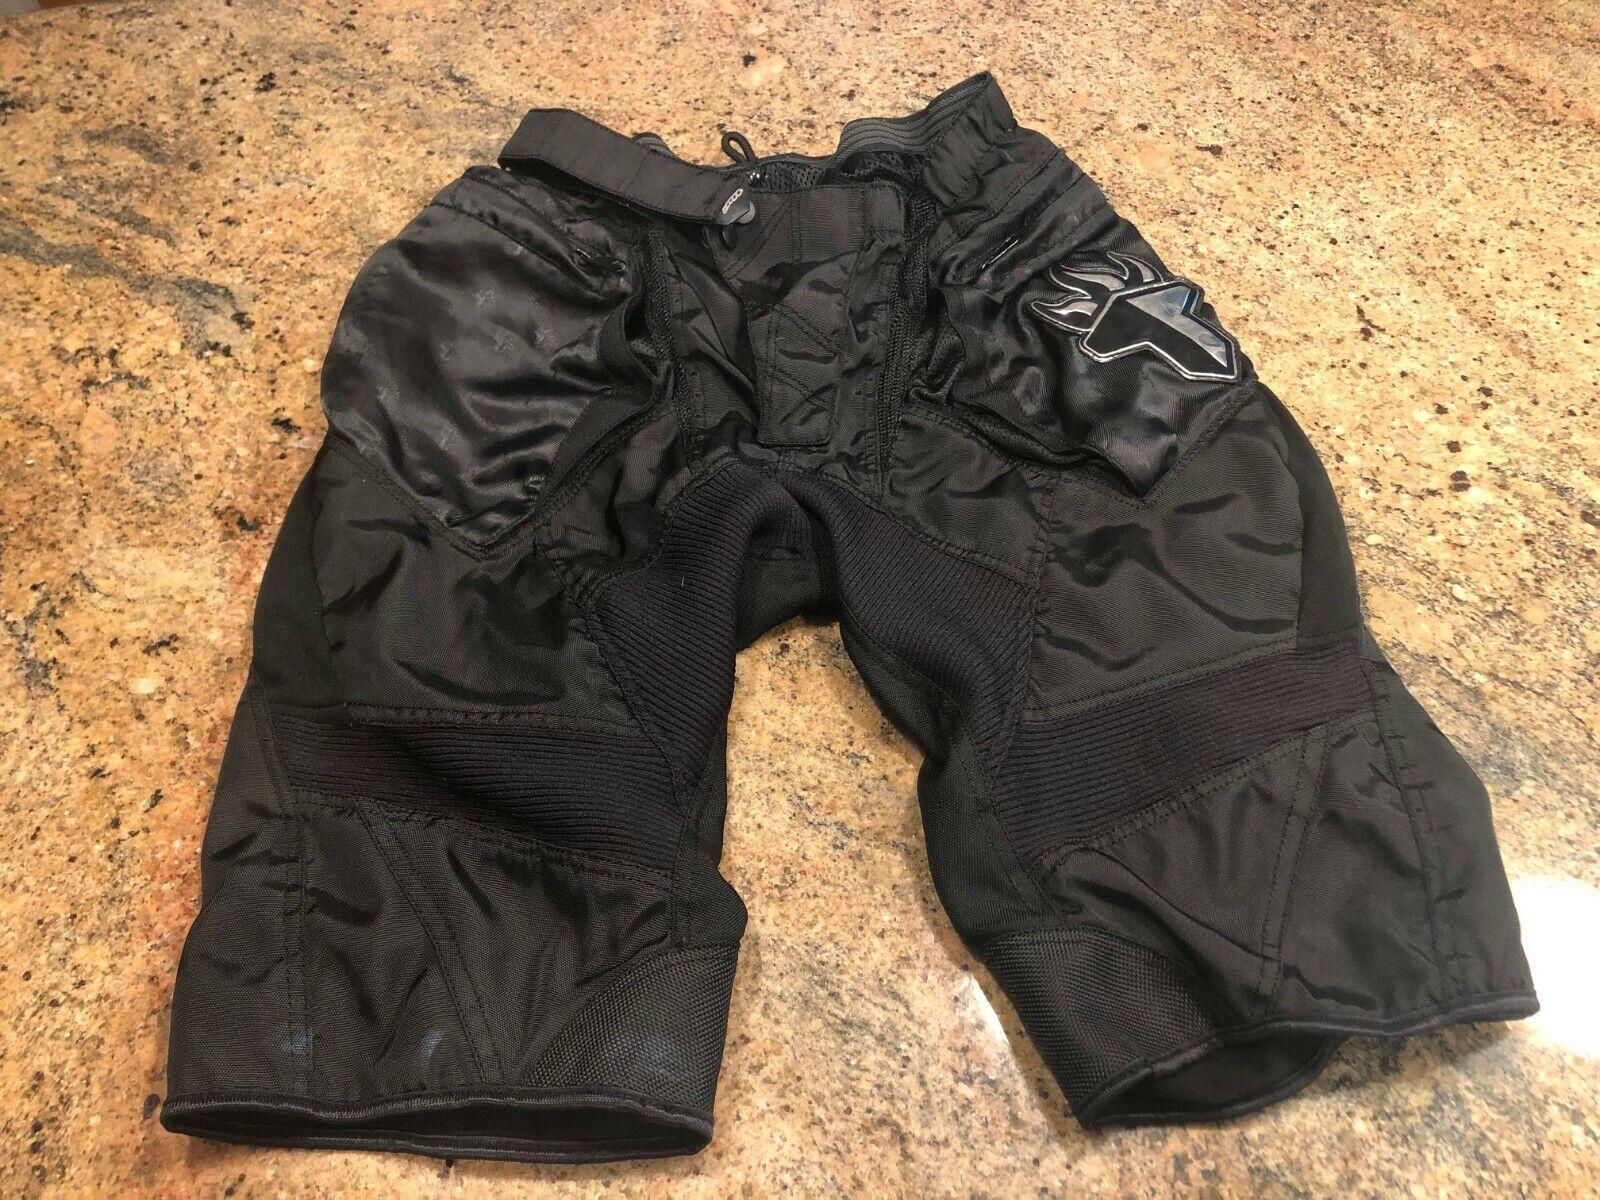 T.h.e. shorts para bicicletas de montaña son pequeños.Pantalones cortos